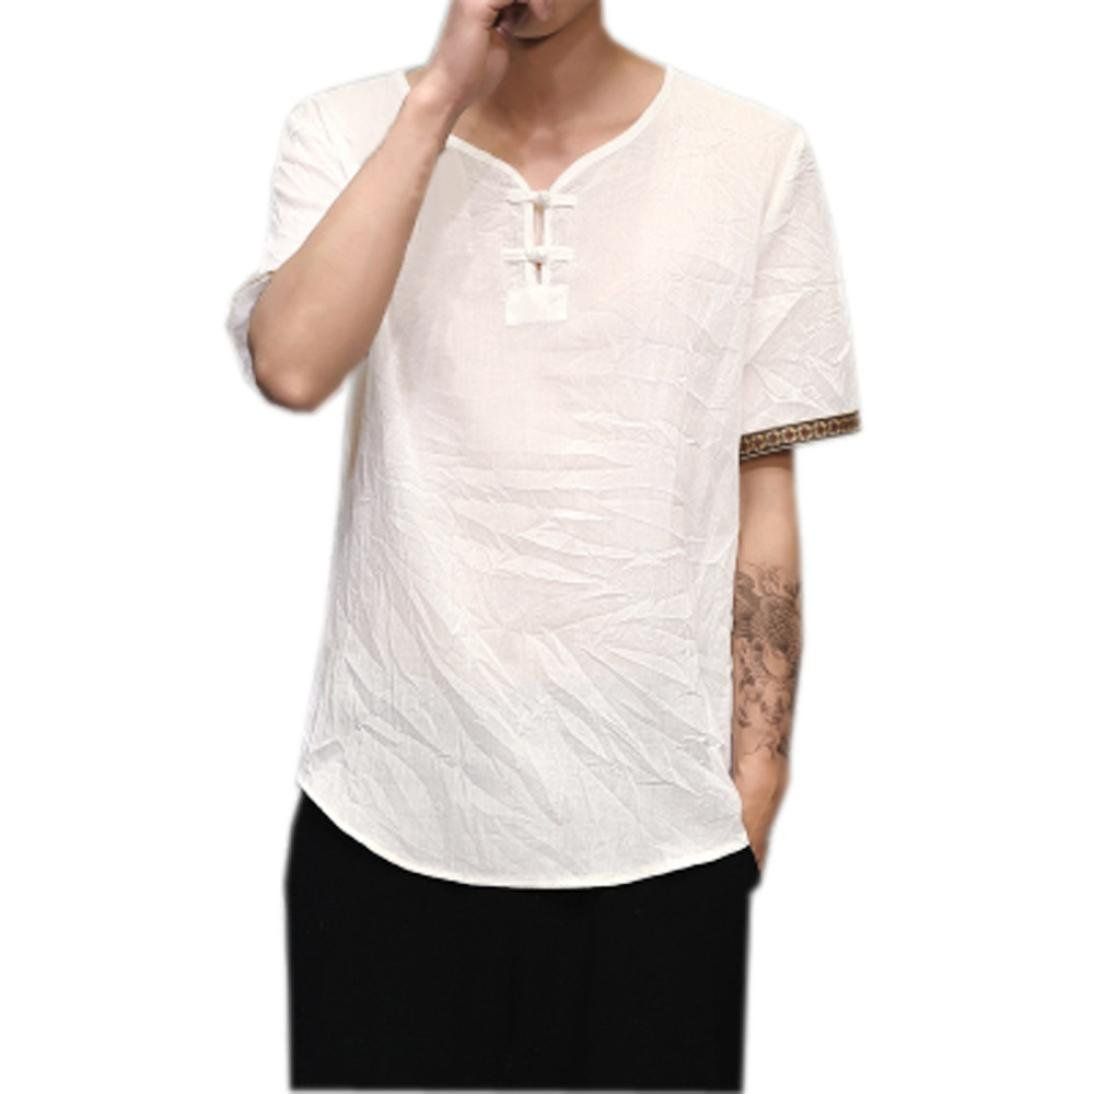 Fossen Camisas de Lino Tradicionales para Hombres Blusa Suelta con Cuello en V de Manga Corta Casual Camisetas Suelta: Amazon.es: Ropa y accesorios